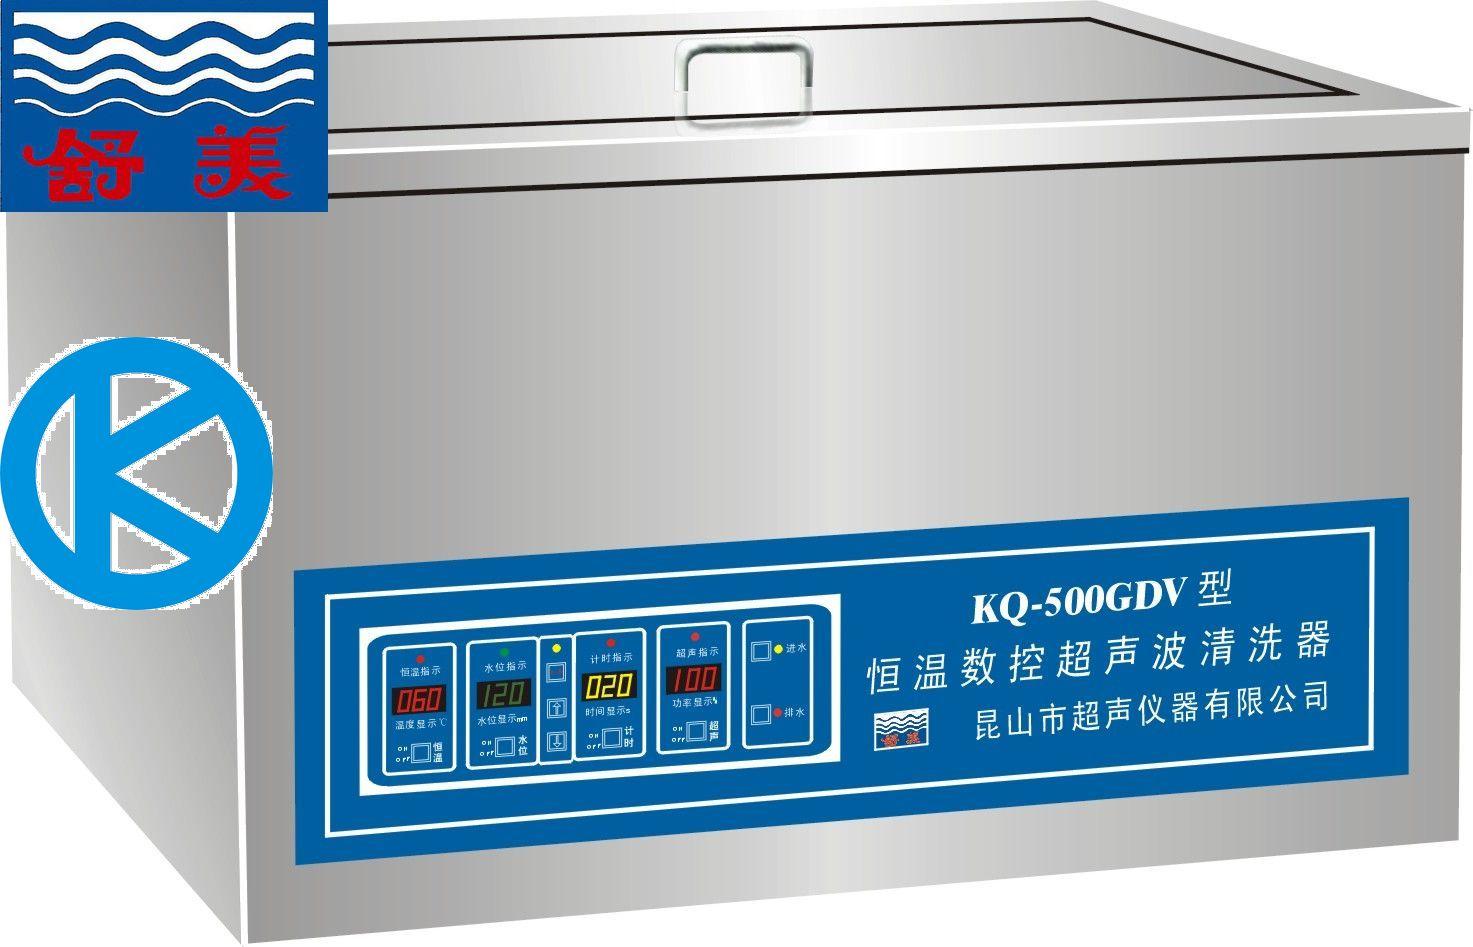 舒美牌KQ-500GDV台式恒温数控超声波清洗器